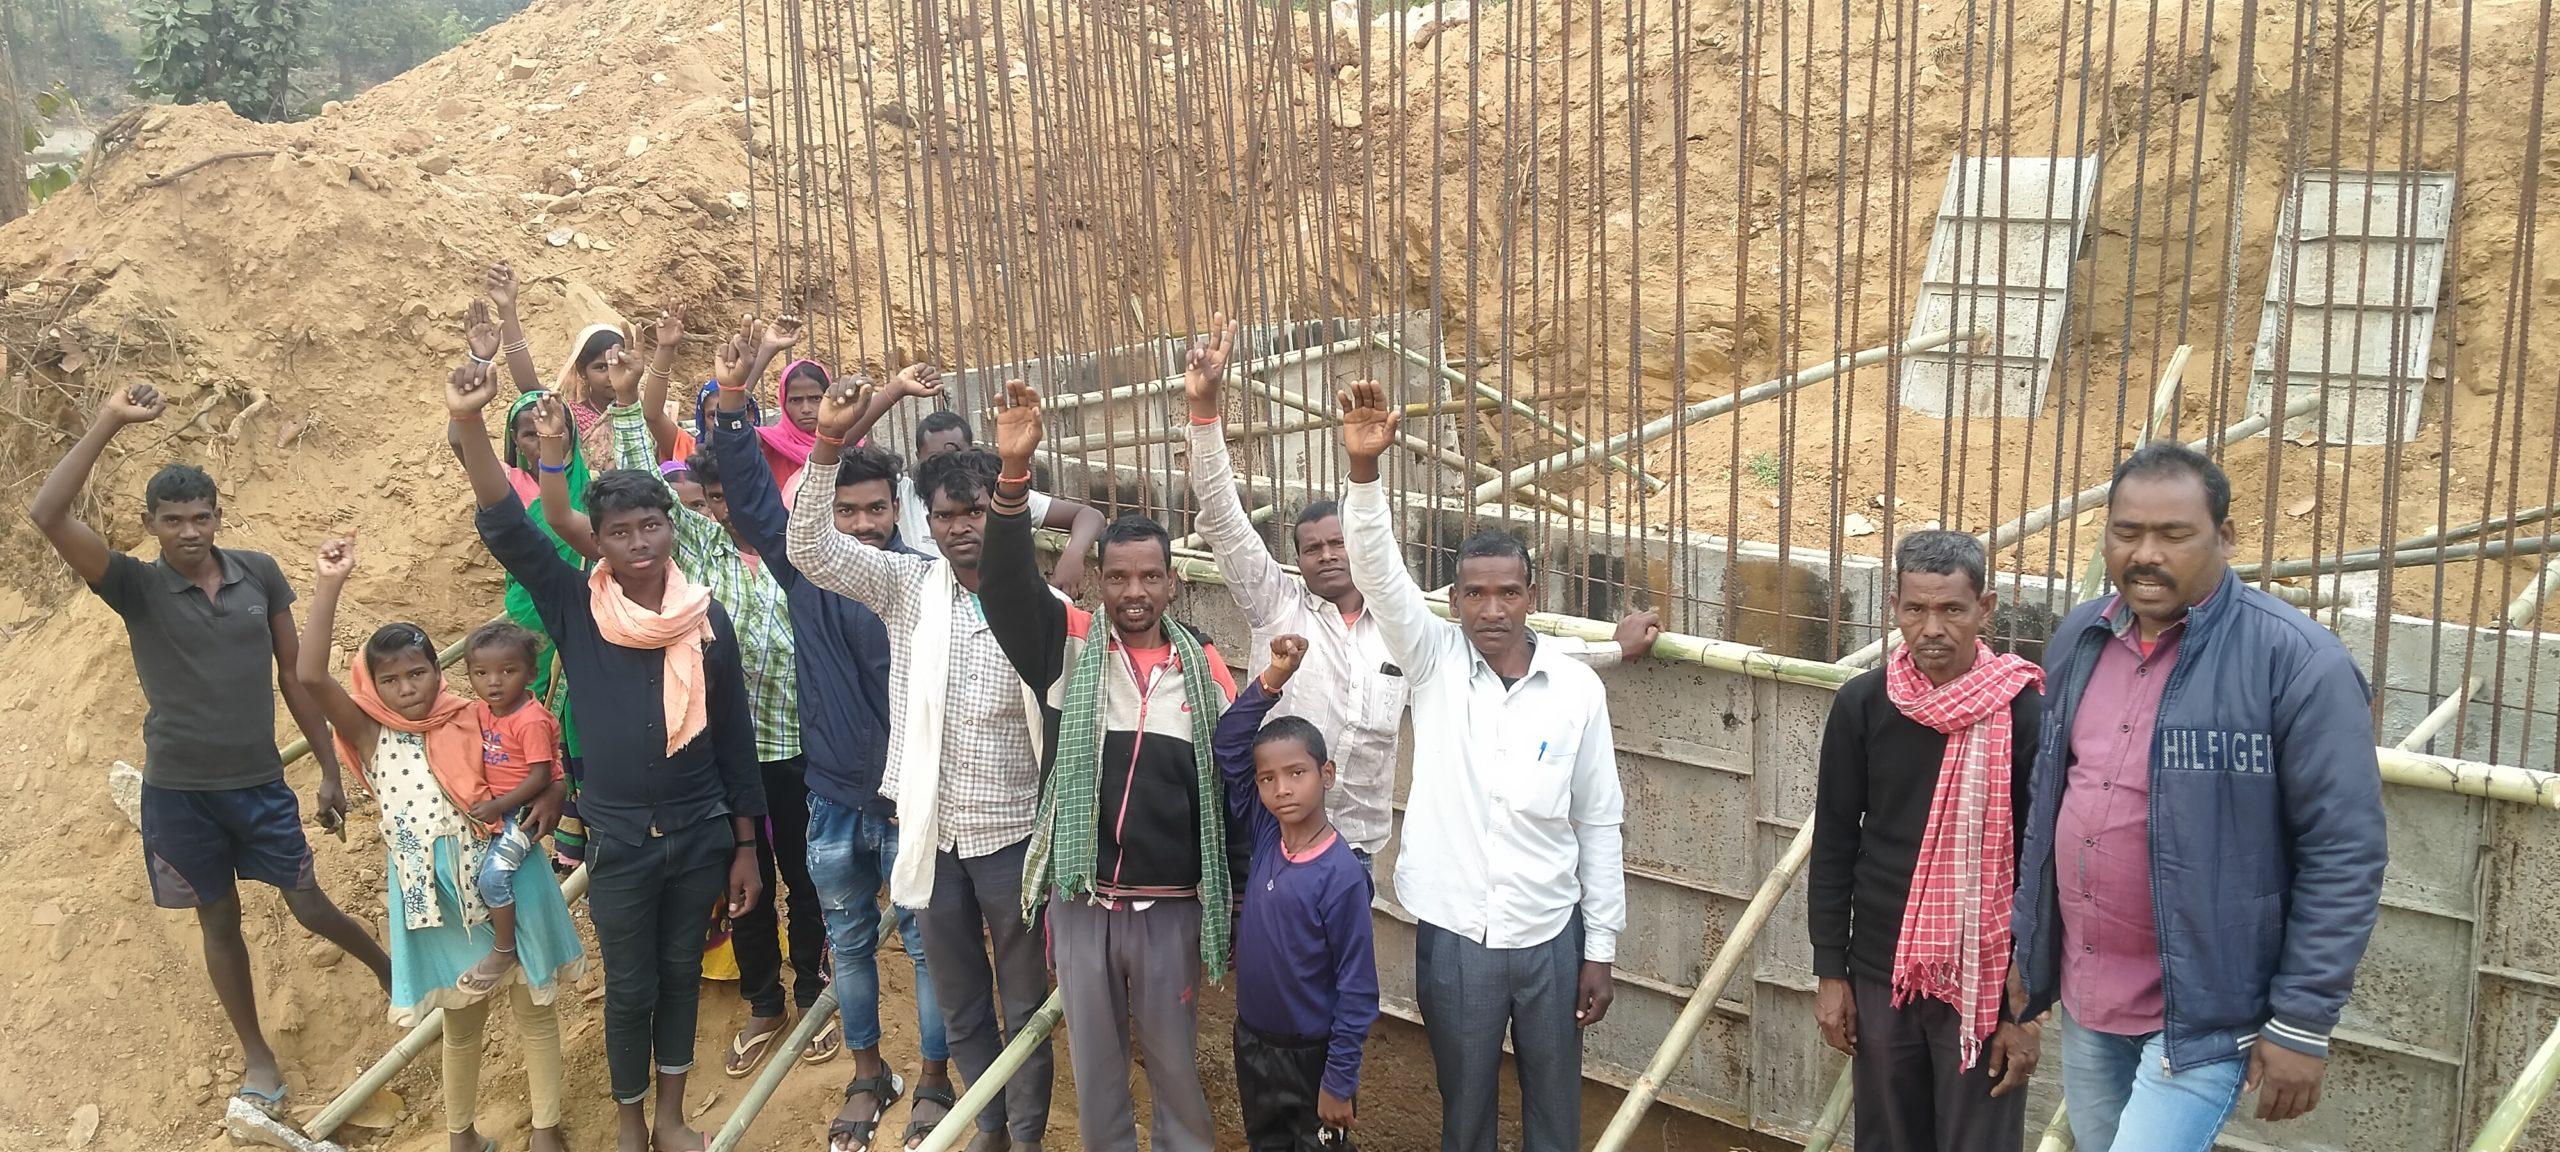 ग्रमीणों ने भवानी नदी में हो रहे घटिया पुल निर्माण की जांच कराने की मांग।कार्य किया ठप